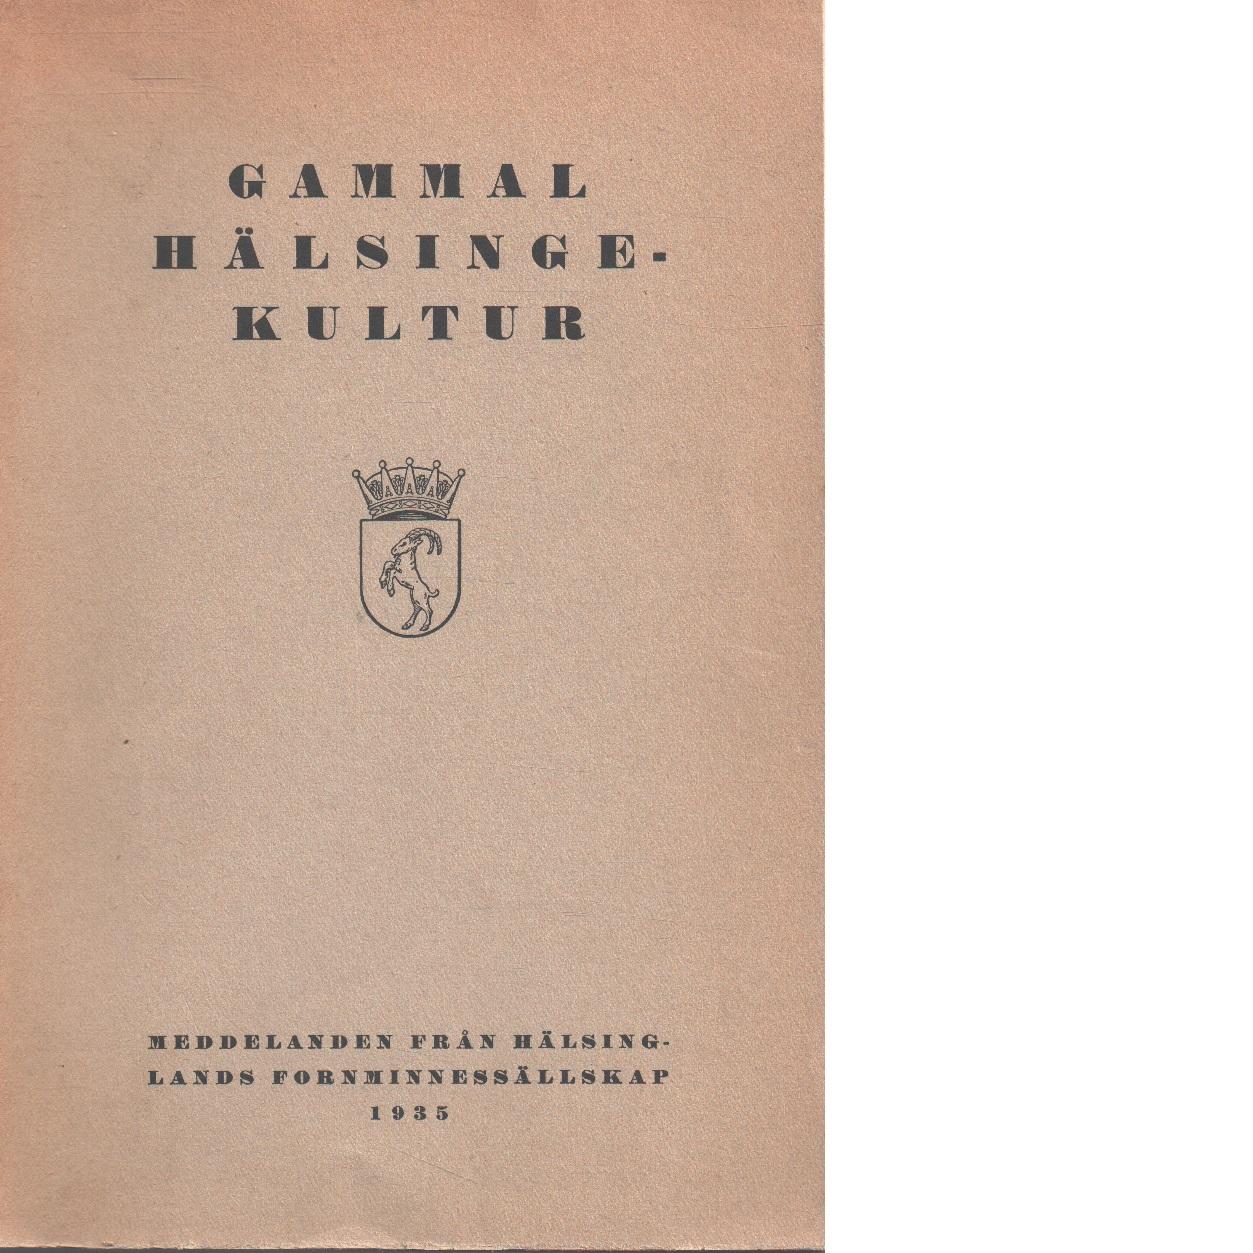 Gammal hälsingekultur : meddelanden från Hälsinglands fornminnessällskap 1935 - Helsinglands Fornminnessällskap